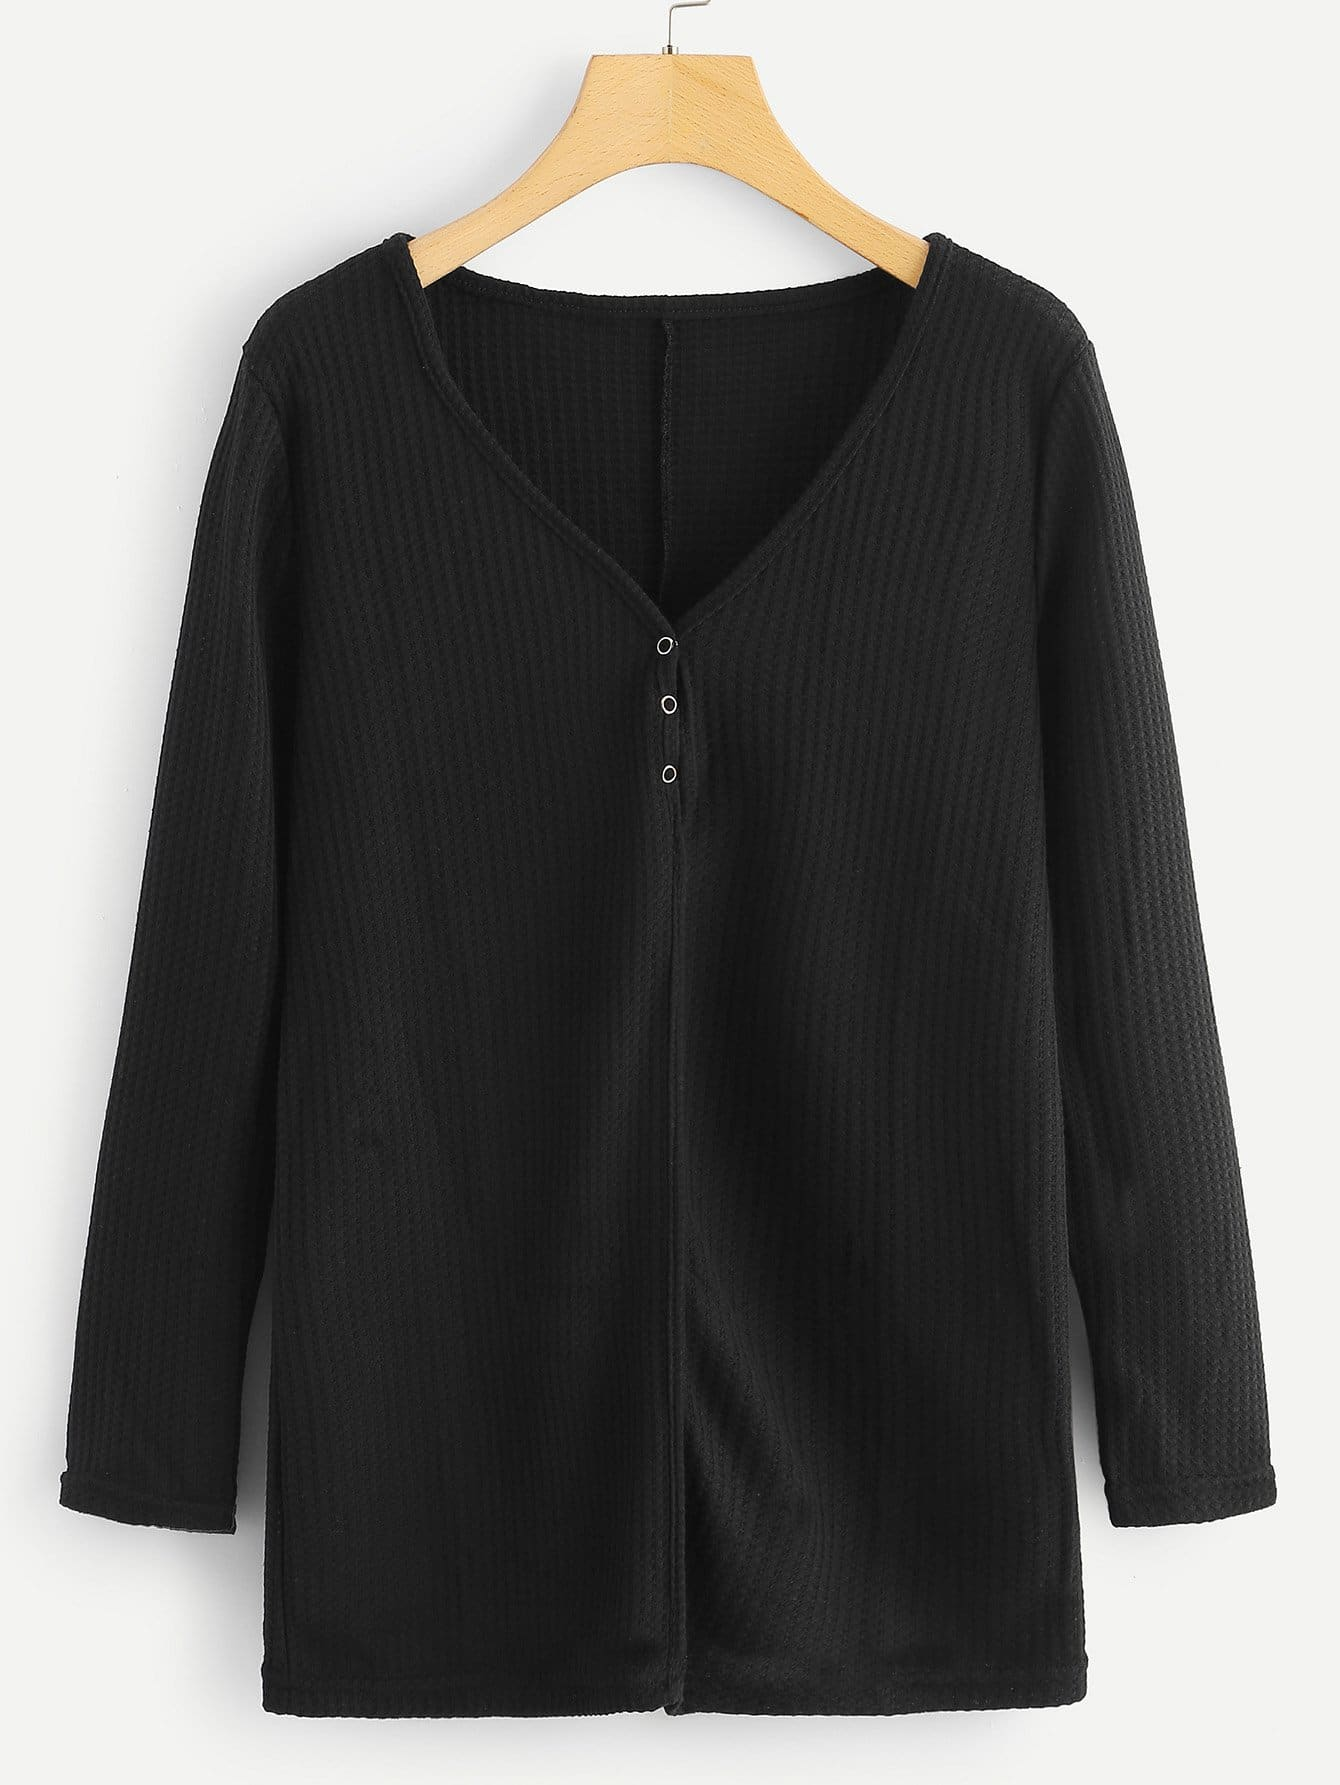 Купить Простая футболка с украшением пуговицы, null, SheIn